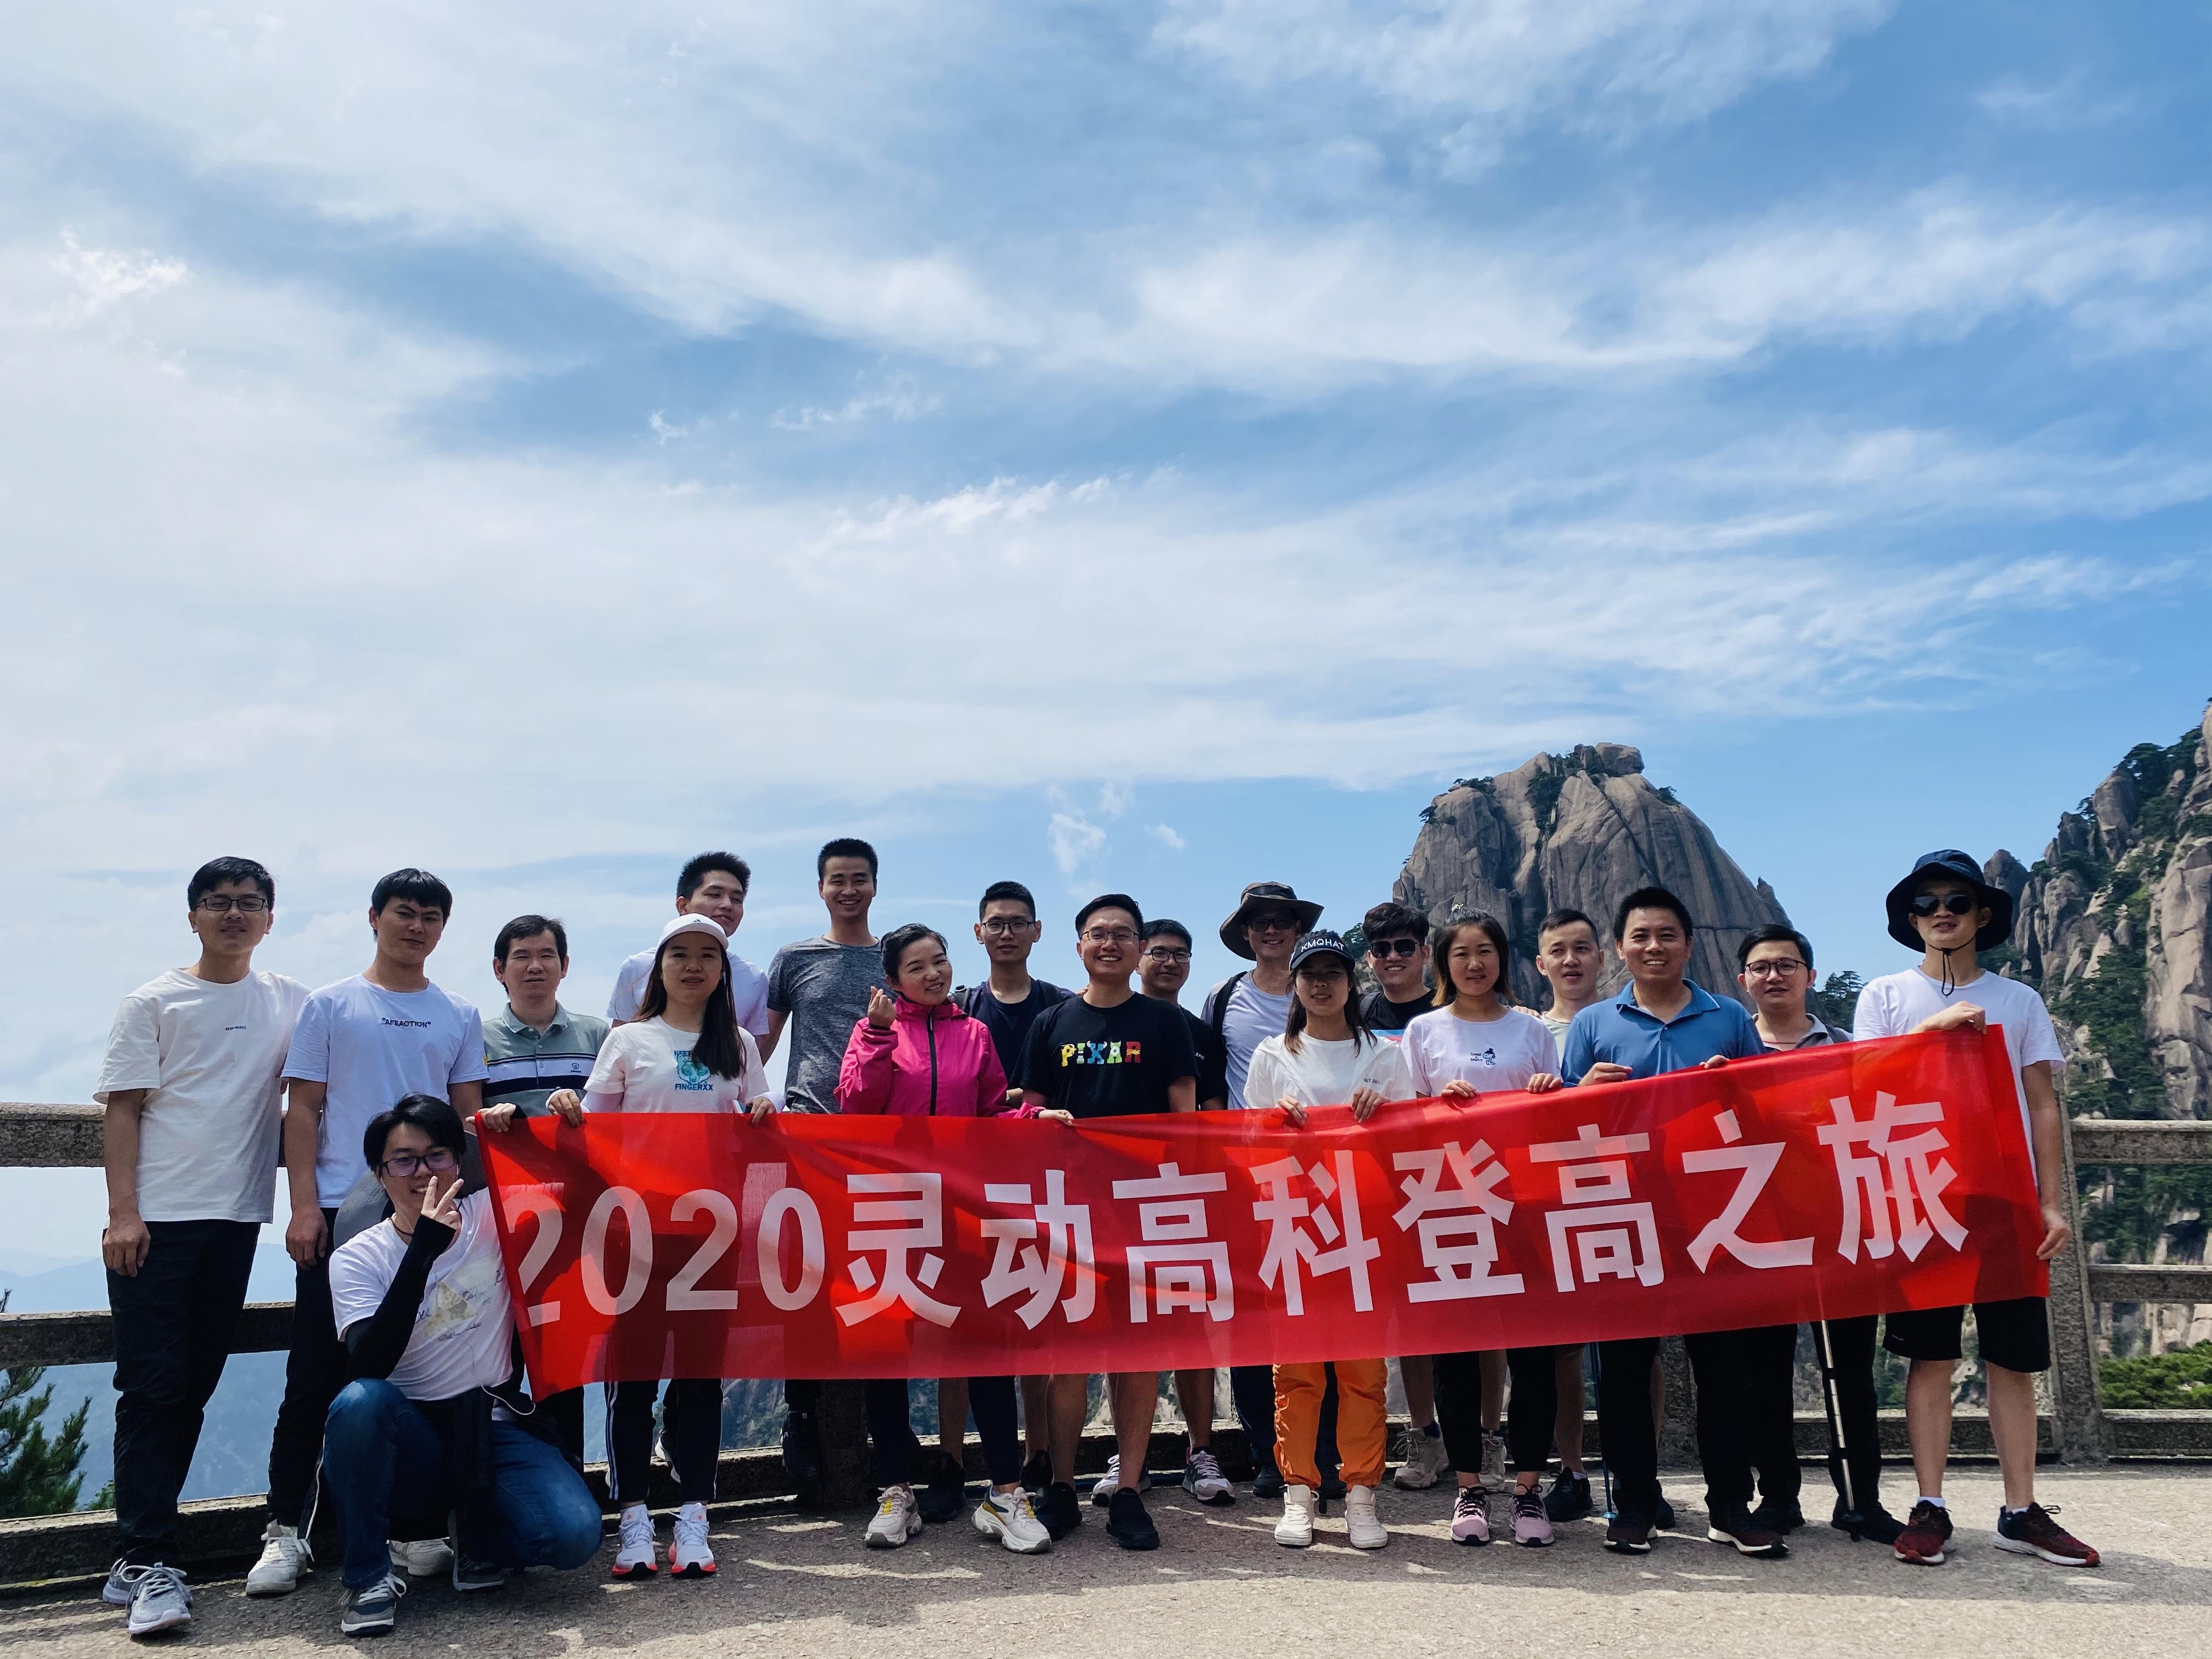 灵动高科2020黄山登高之旅